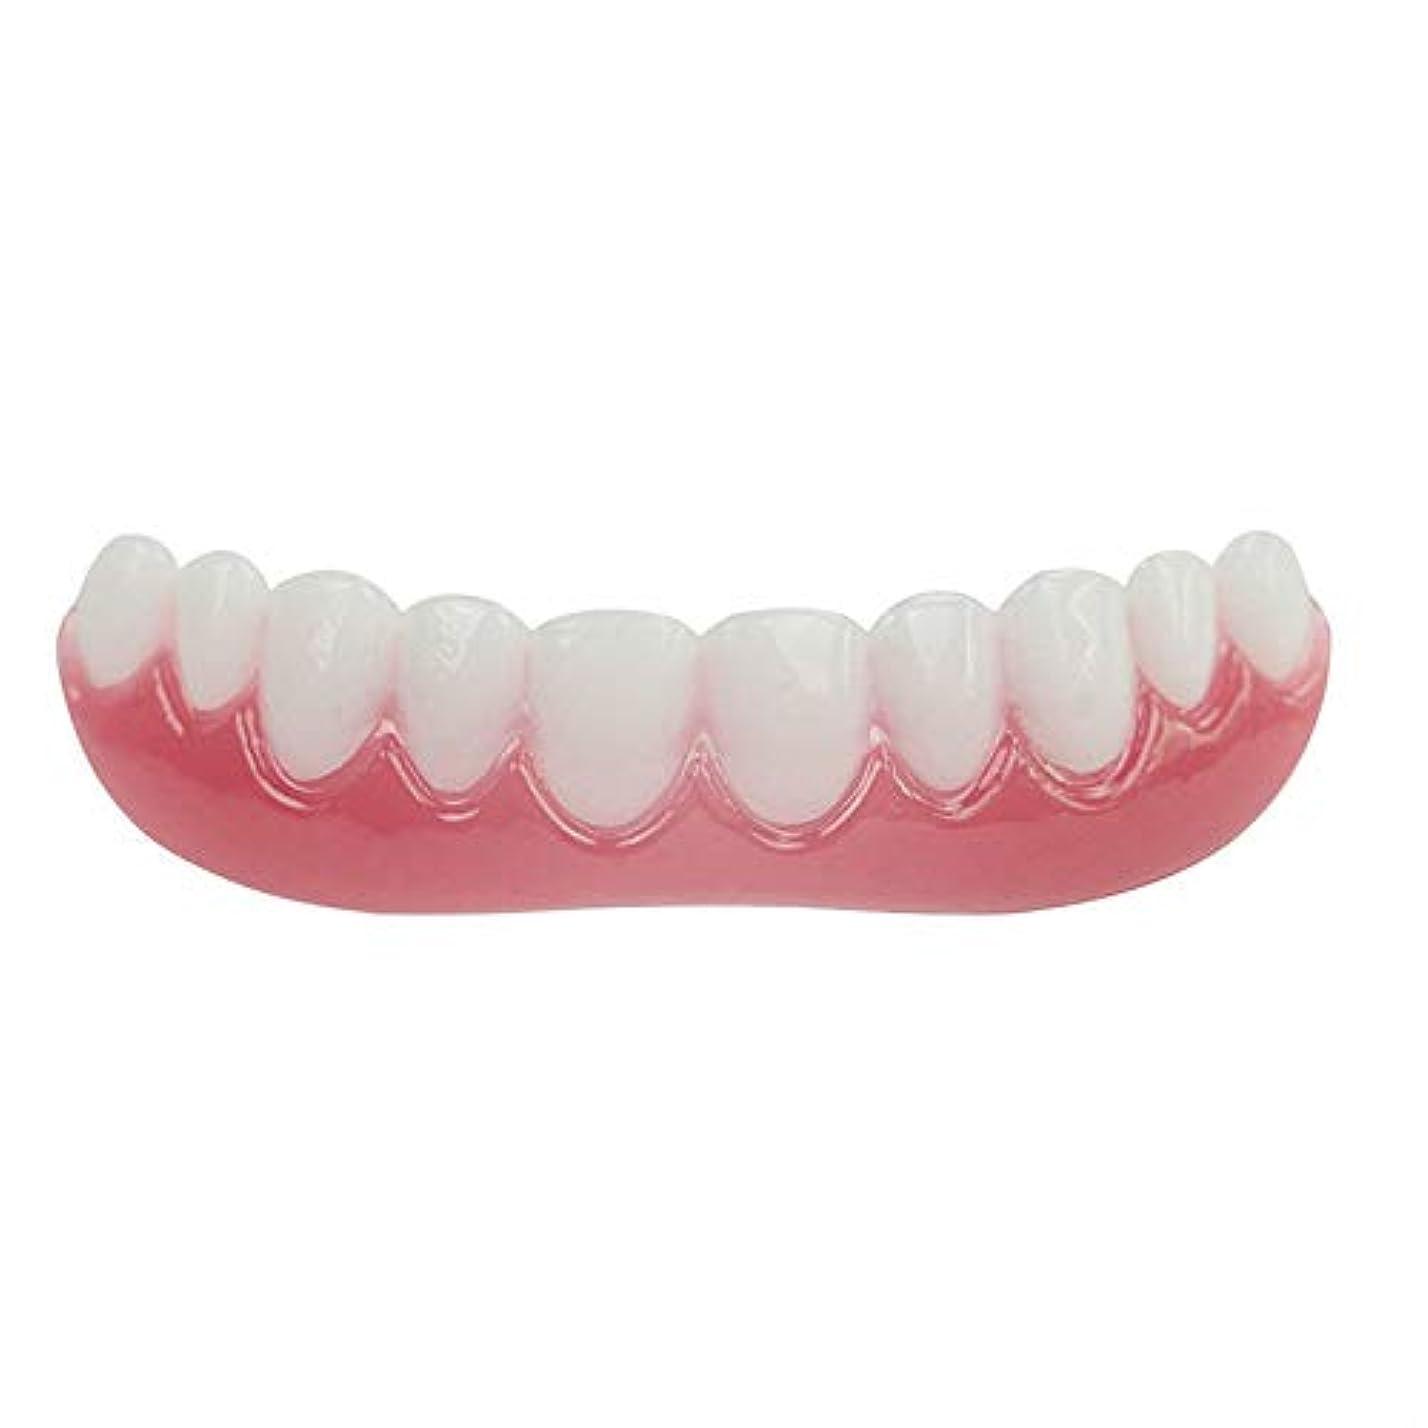 マラドロイトお尻カーフシリコンシミュレーション義歯、歯科用ベニヤホワイトトゥースセット(1個),Boxed,Lower